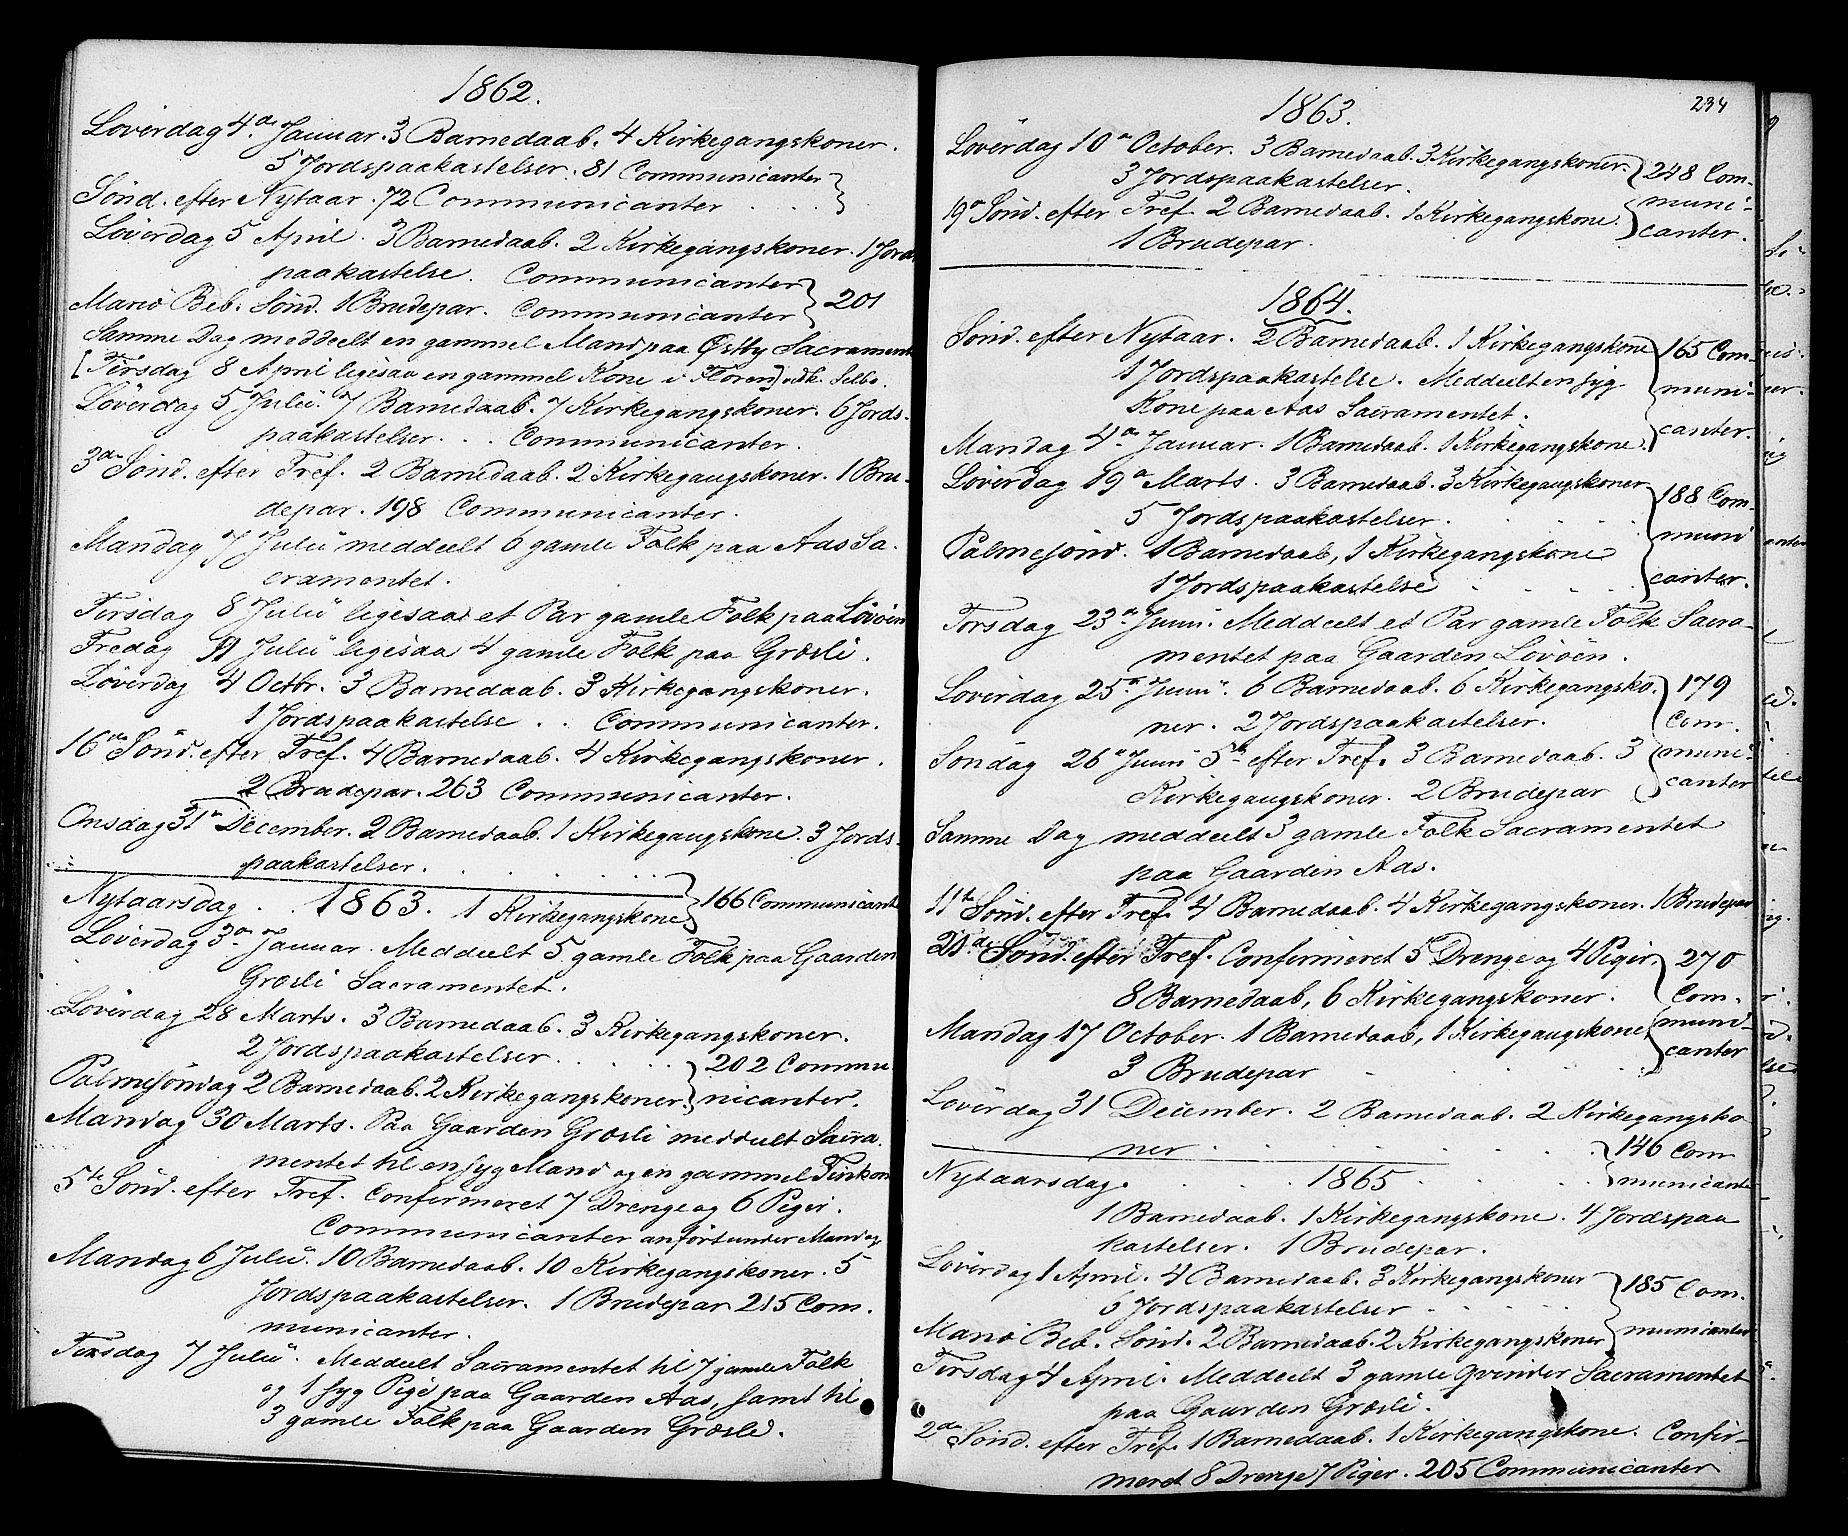 SAT, Ministerialprotokoller, klokkerbøker og fødselsregistre - Sør-Trøndelag, 698/L1163: Ministerialbok nr. 698A01, 1862-1887, s. 234